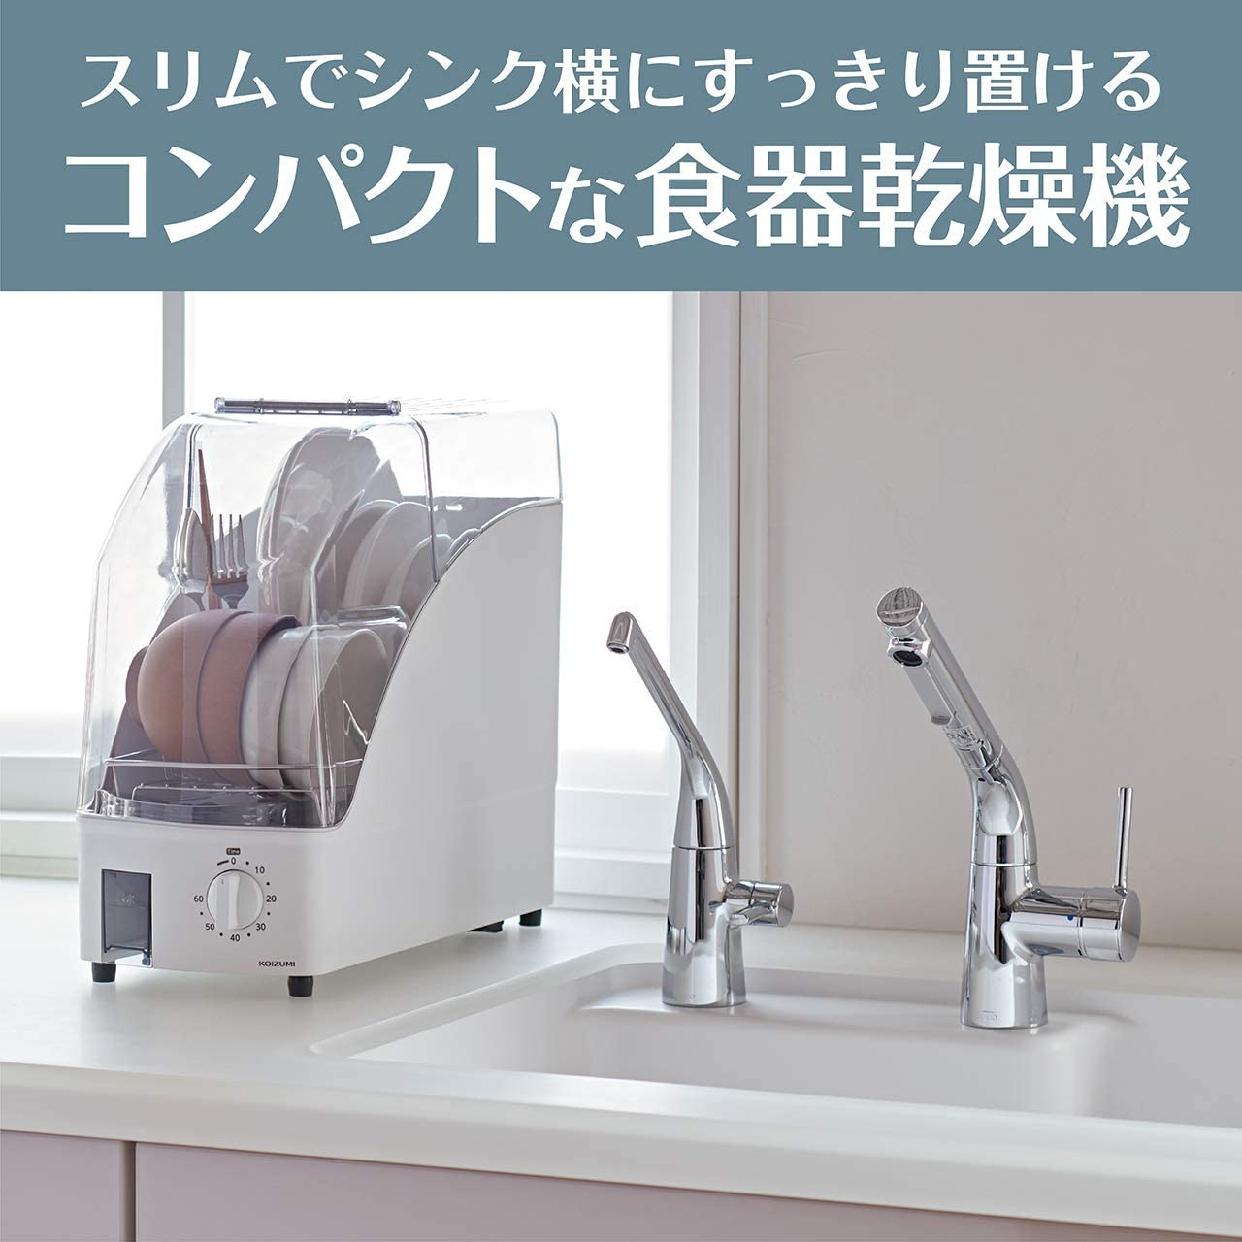 KOIZUMI(コイズミ) 食器乾燥器 KDE-0500の商品画像3